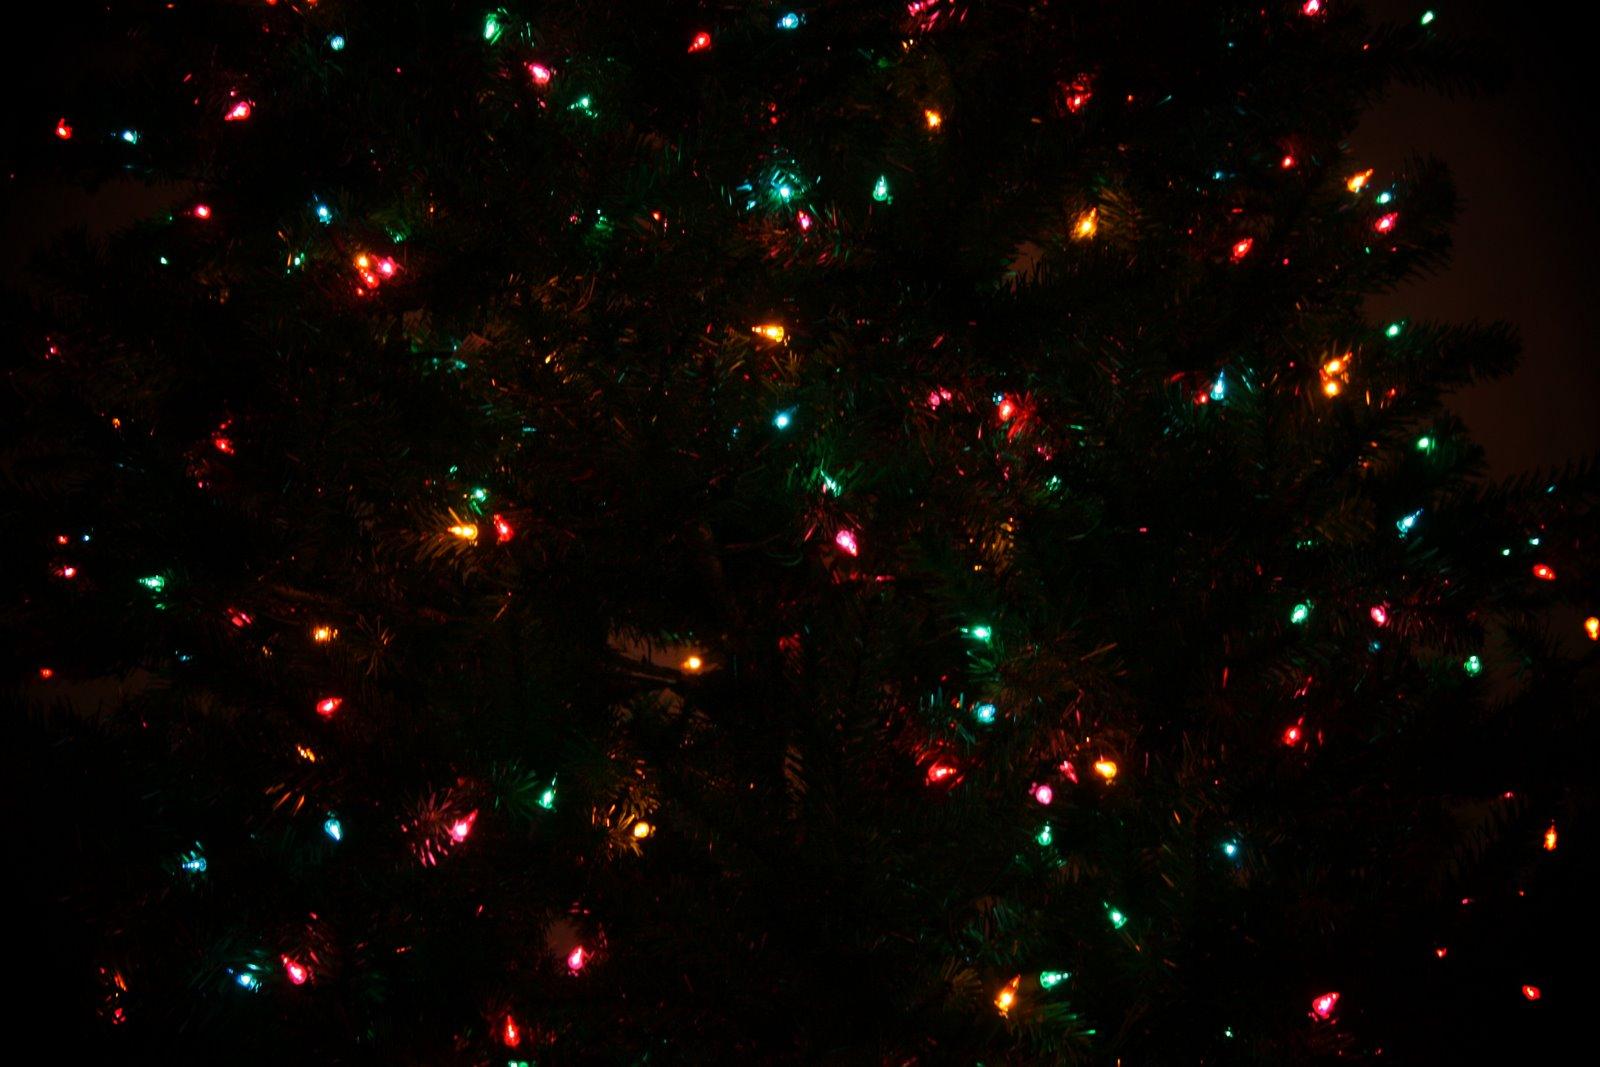 [f5.6+lights]